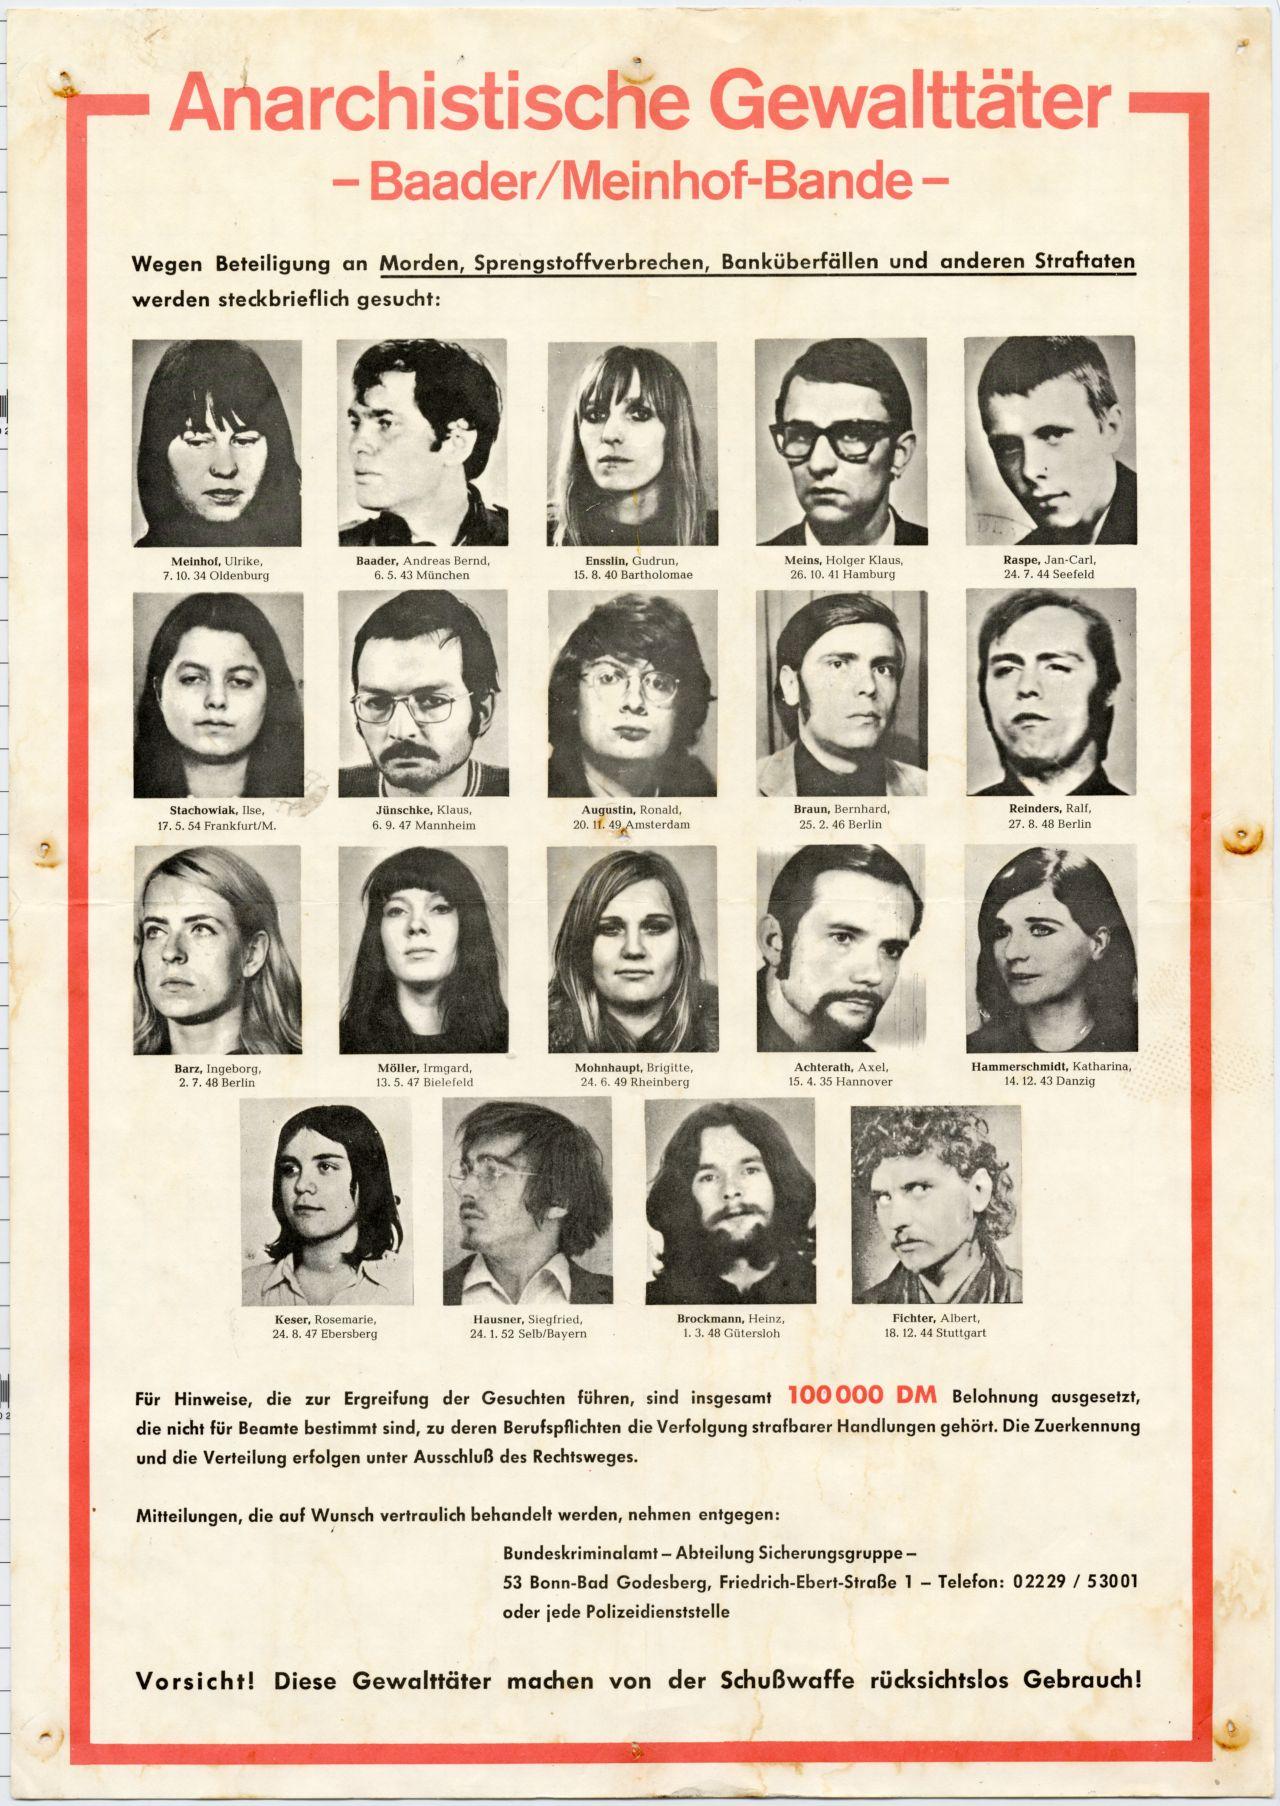 Lemo Objekt Plakat Anarchistische Gewalttäter Baadermeinhof Bande